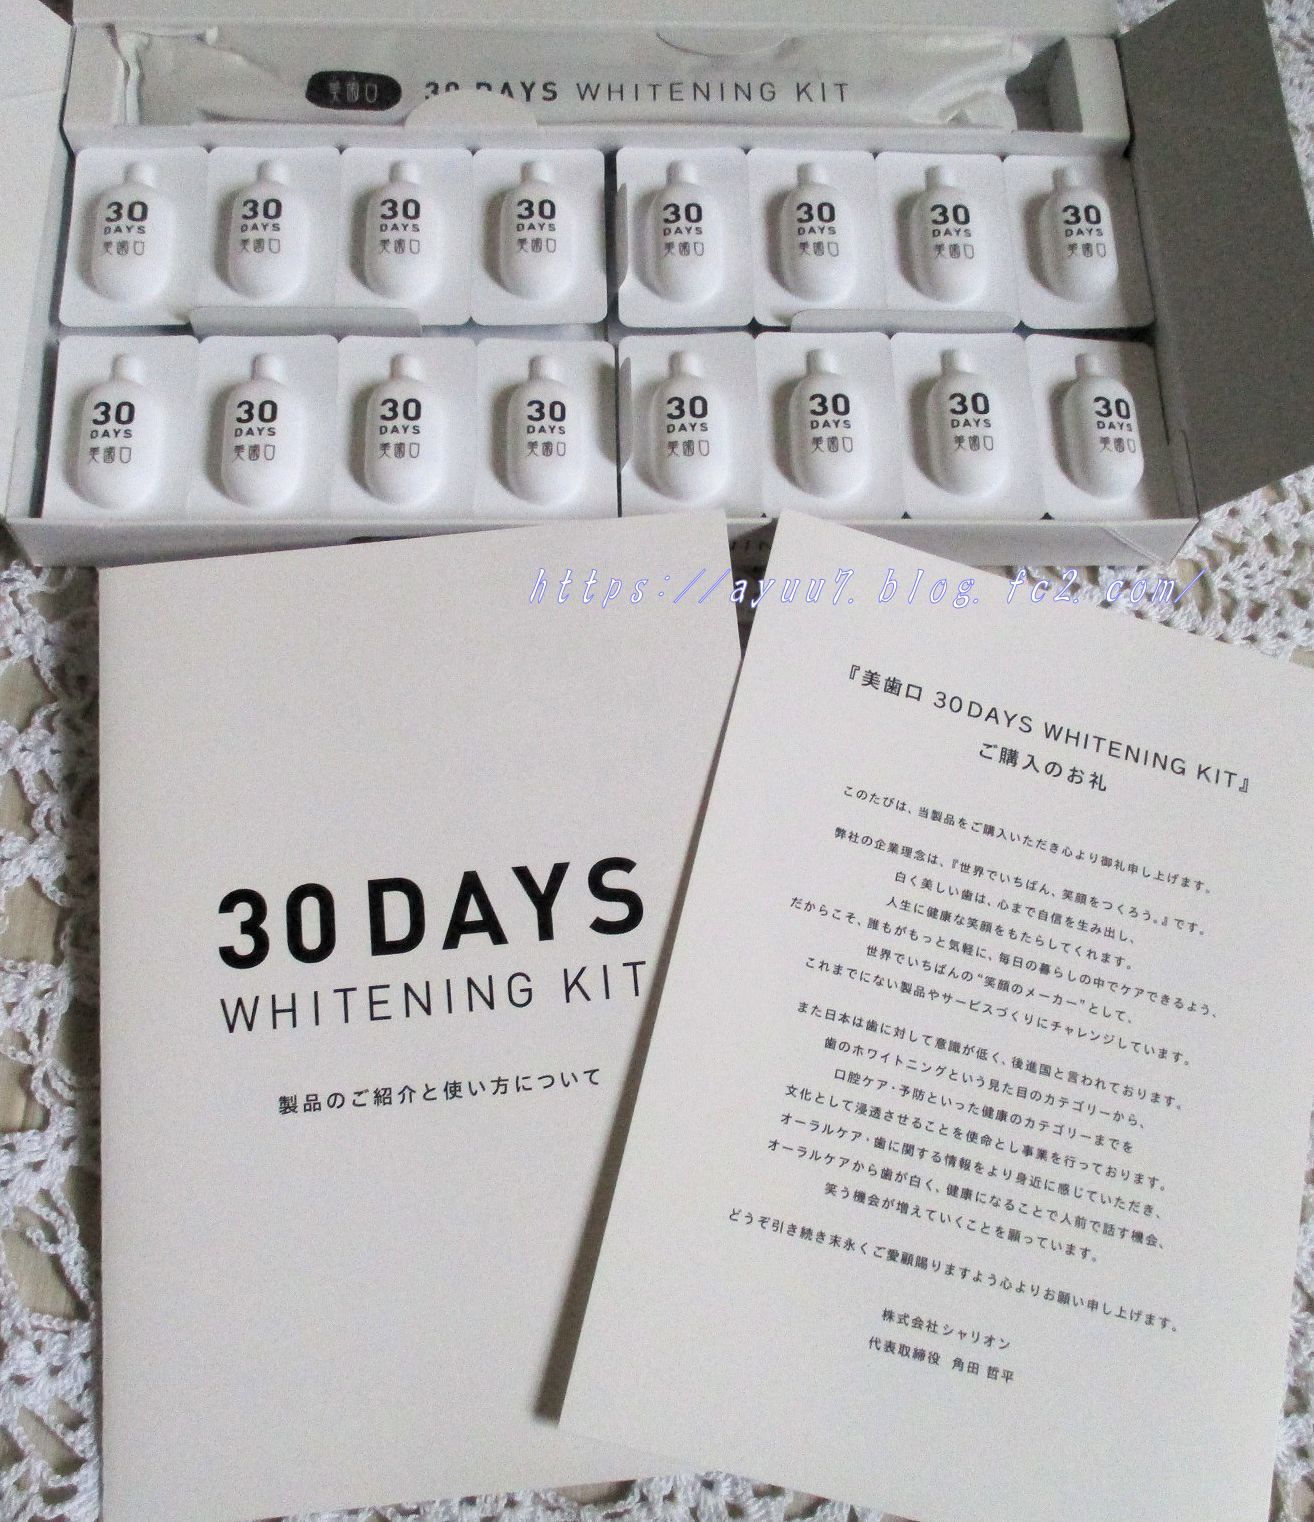 30dayswk2.jpg